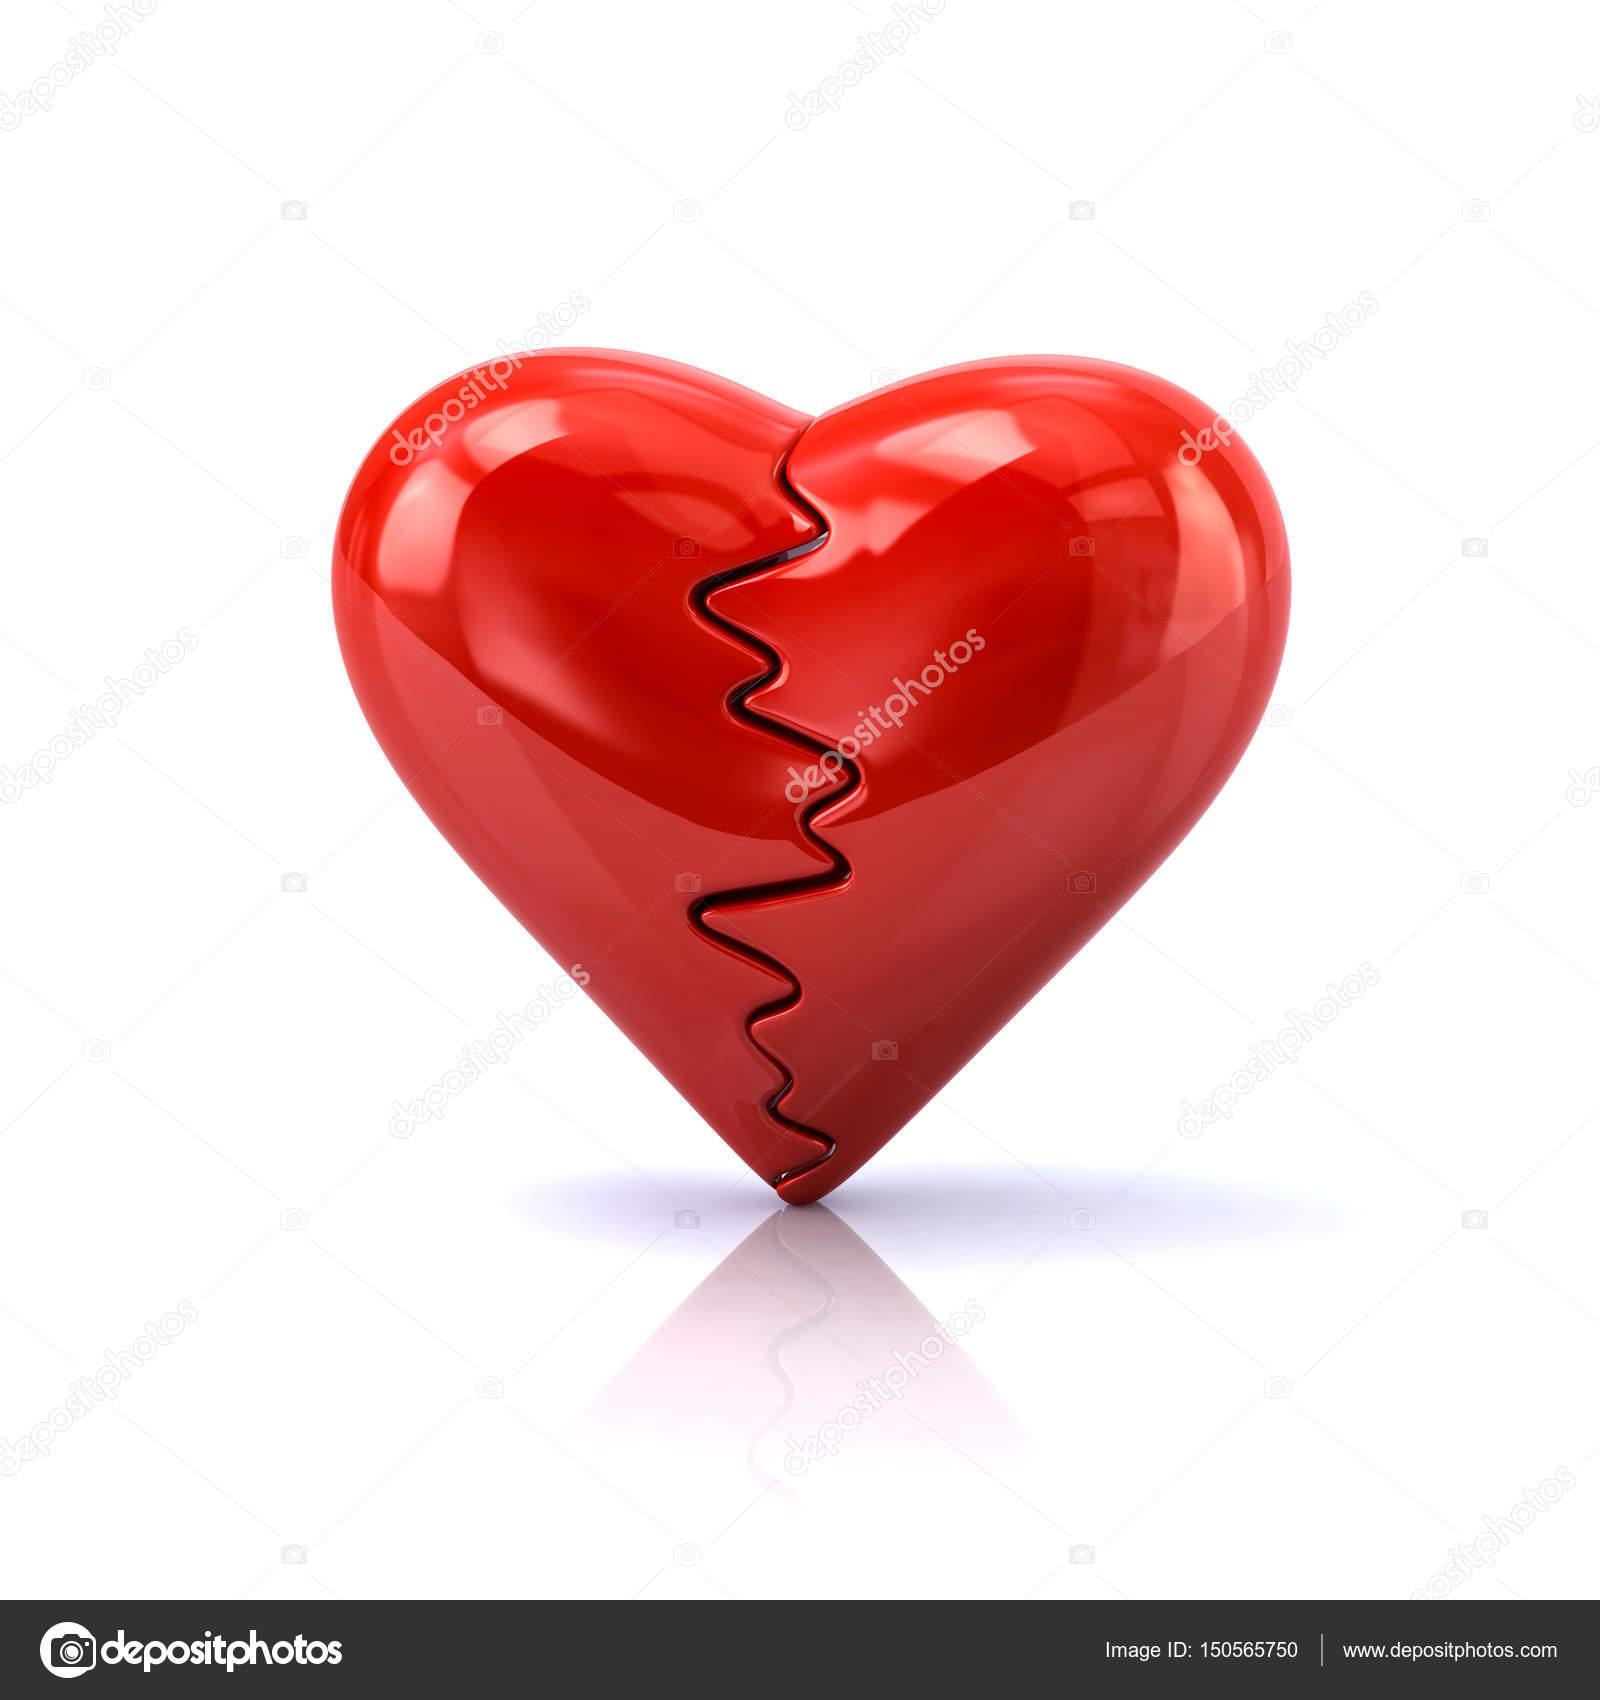 Red Heartbreak Symbol Stock Photo Valdum 150565750